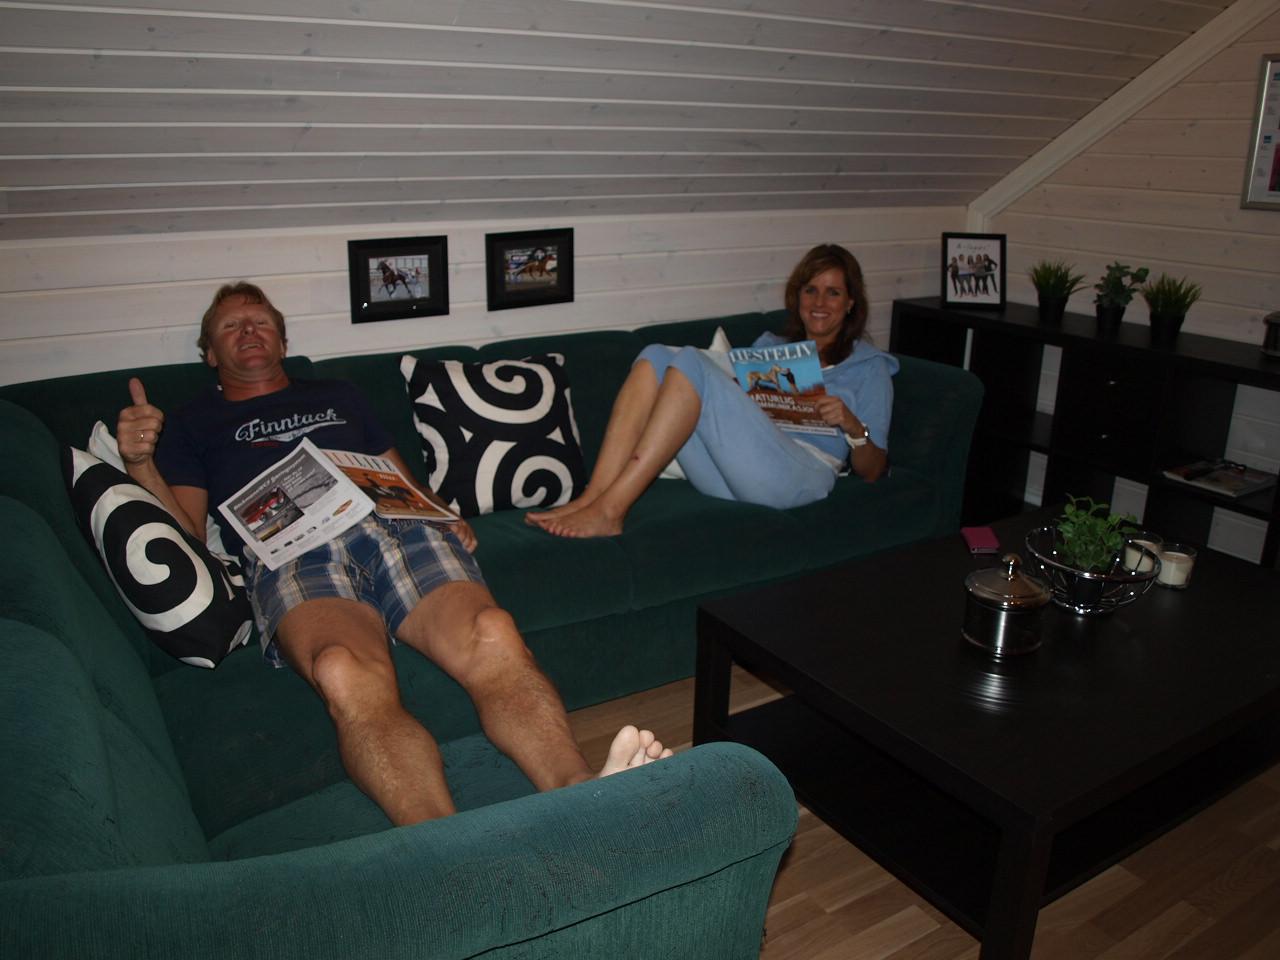 Fra stuen, sofawn vi fant på Finn er glimrende å slenge seg nedpå!